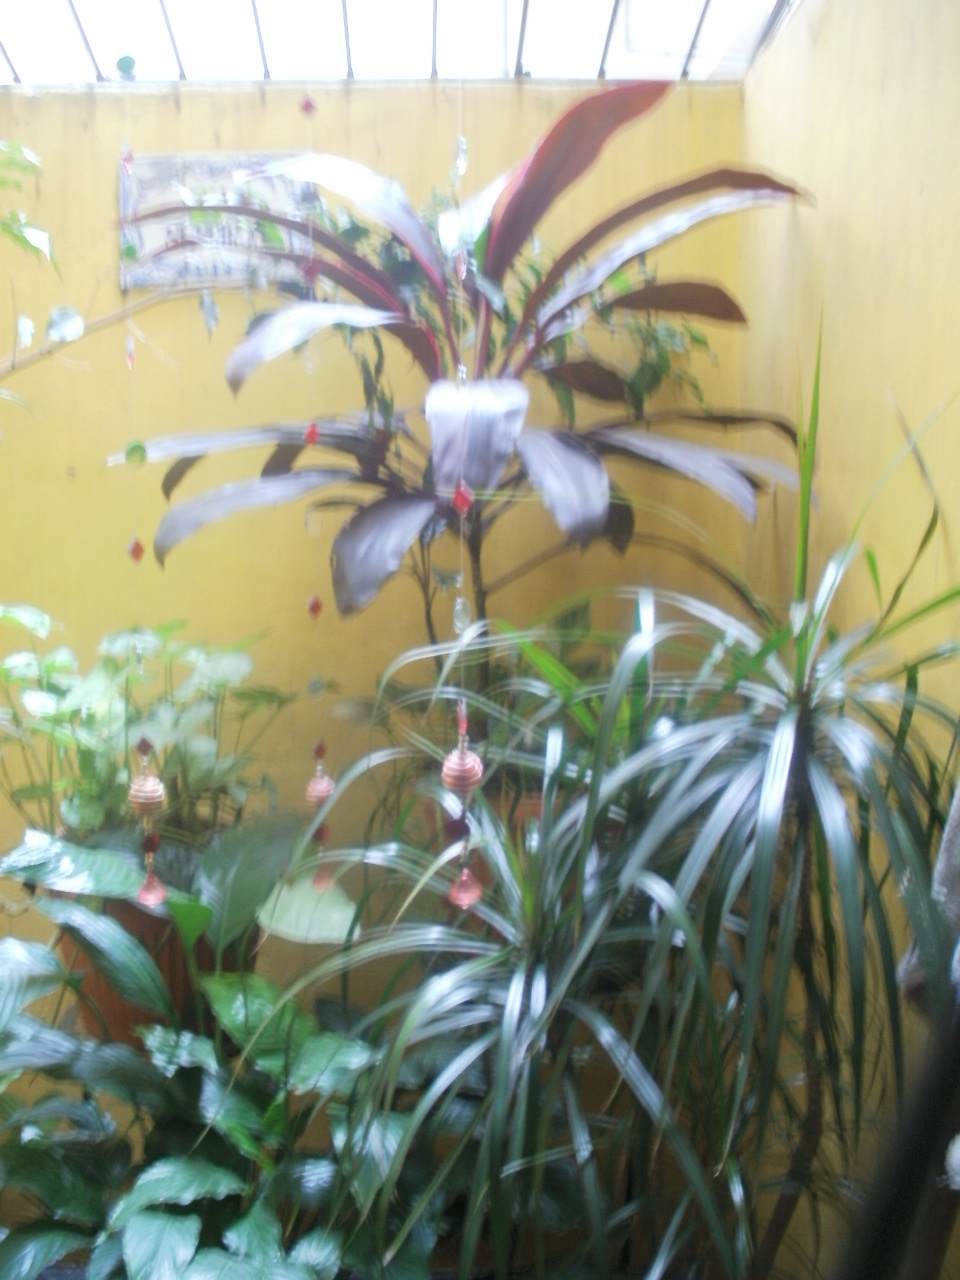 Adri jardineria cuidado de plantas de interior - Cuidados plantas interior ...